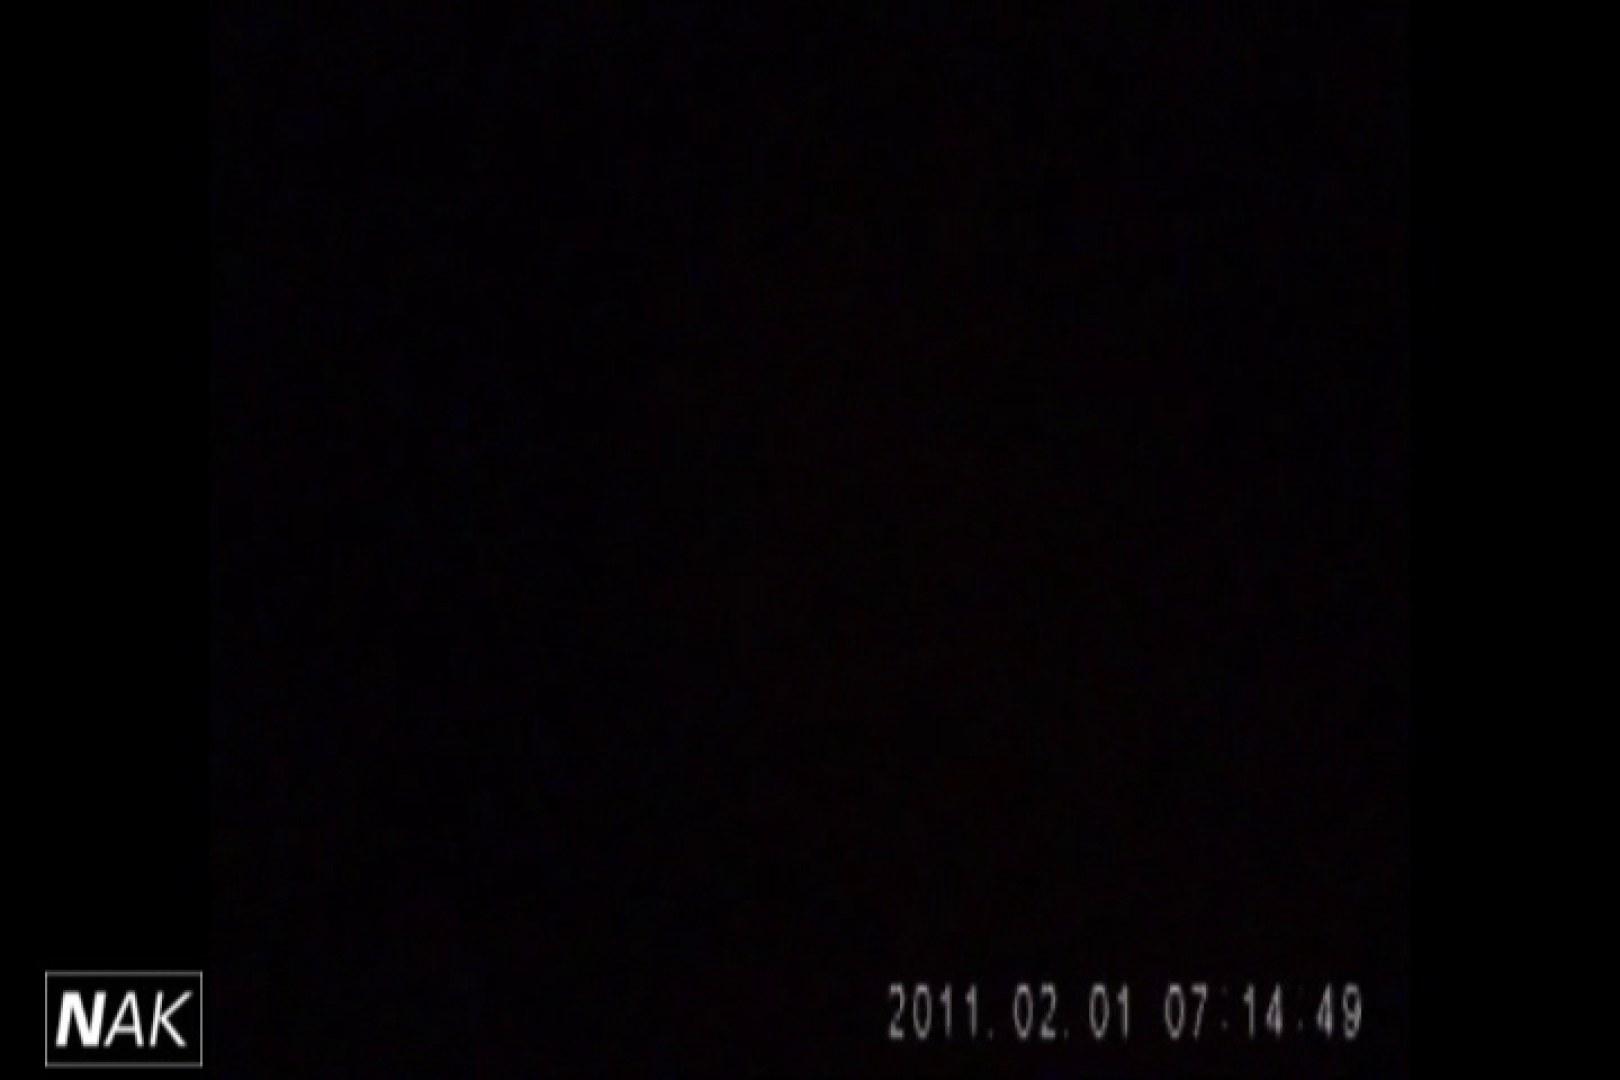 せん八さんの厠観察日記!2点監視カメラ 高画質5000K vol.19 高画質 | 厠  99pic 22